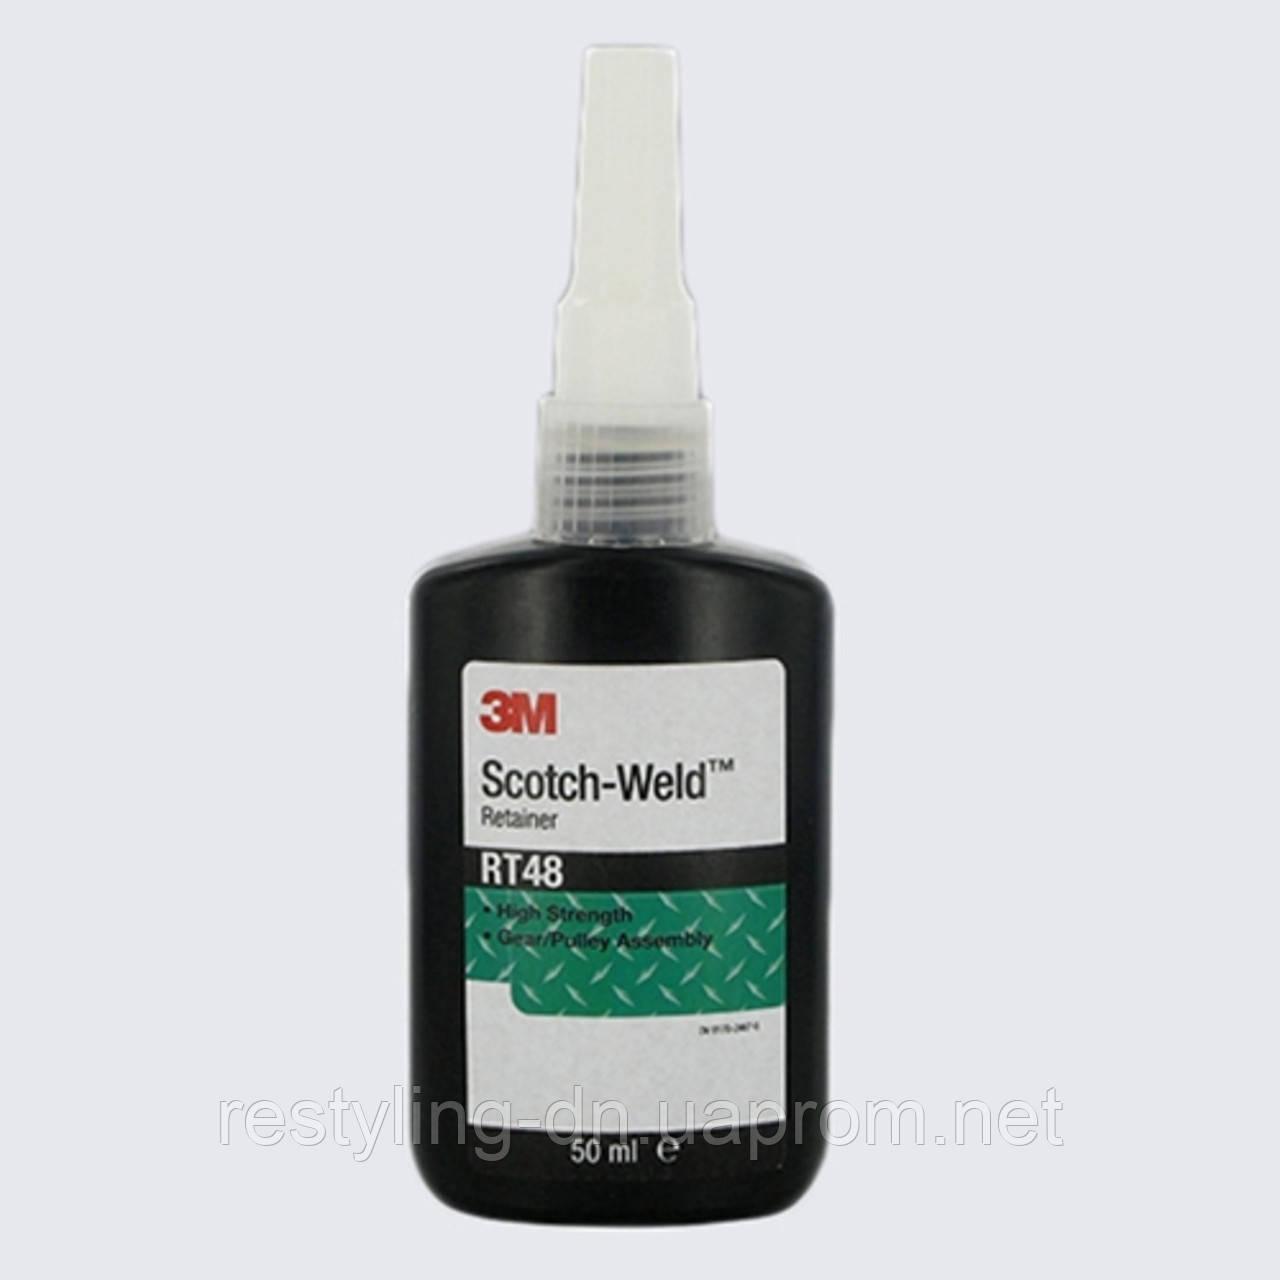 3M™ Scotch-Weld™ RT48 Анаэробный вал-втулочный клей, 50 мл. Высокое качество 3М - «Restyling» Center Donetsk в Донецке